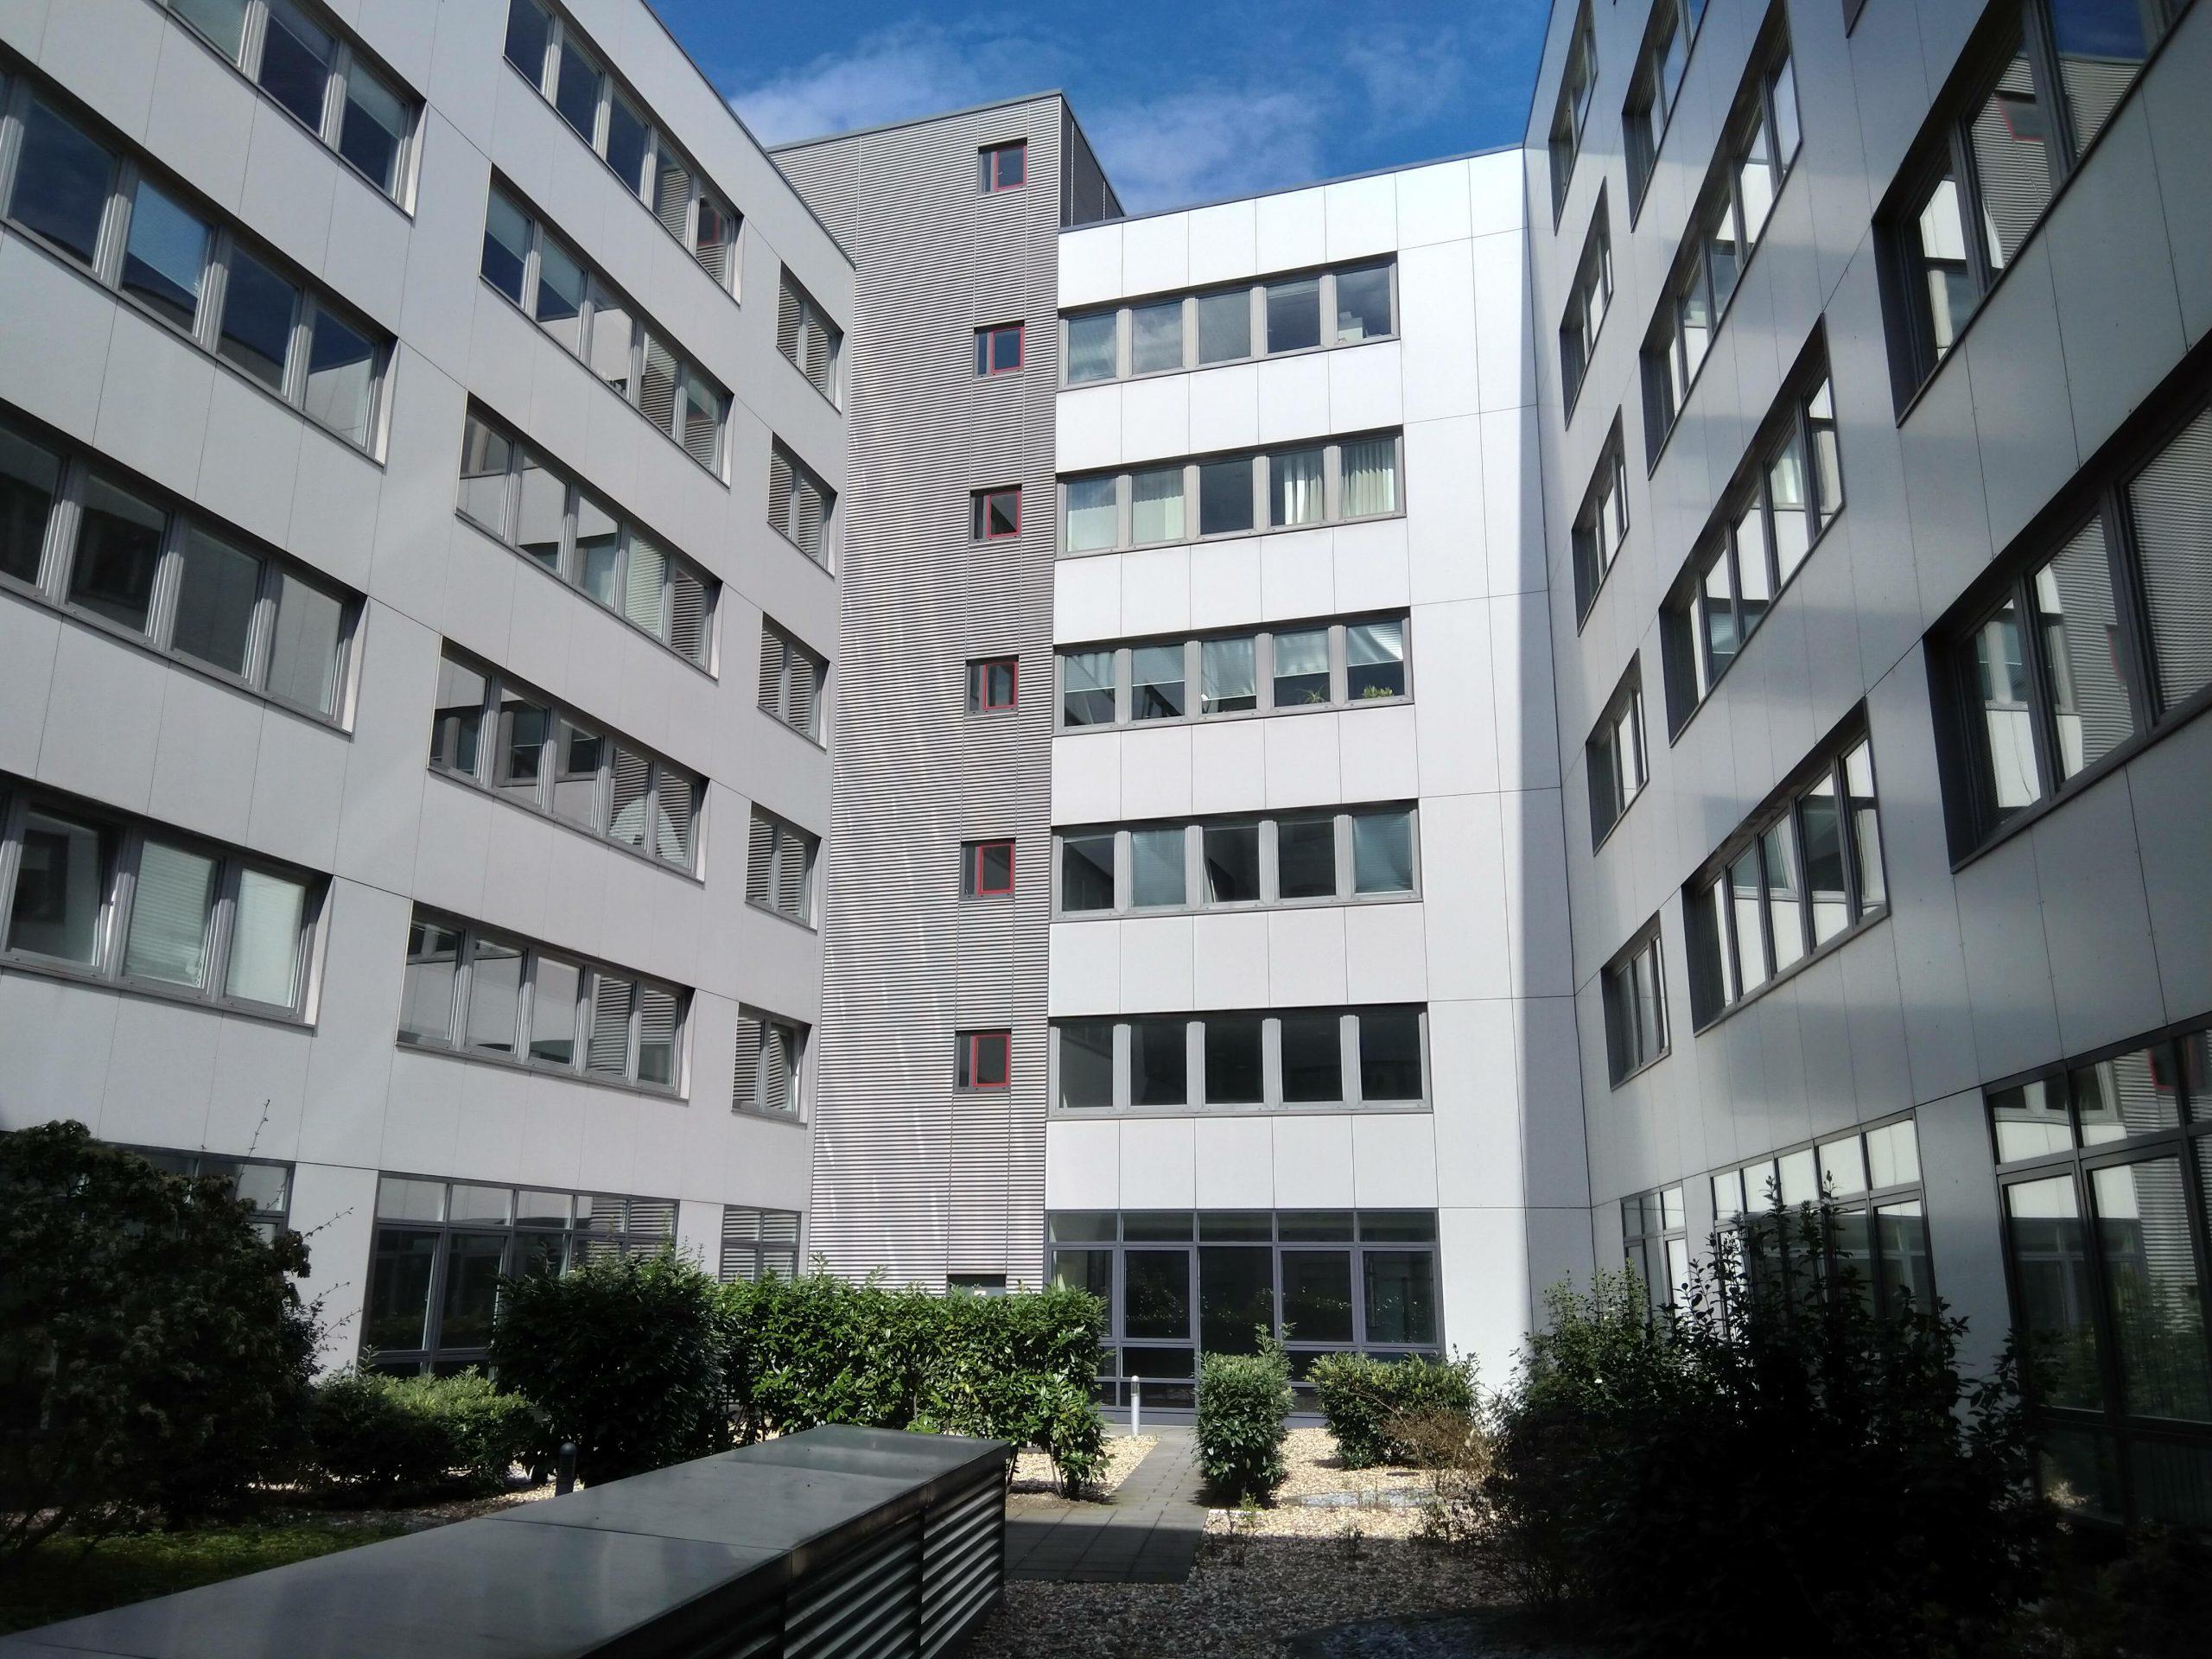 Bürogebäude von außen - Wischen ist Macht JAMES CLEAN GMBH Ihr Servicepartner seit 1996 aus Mönchengladbach aus Mönchengladbach